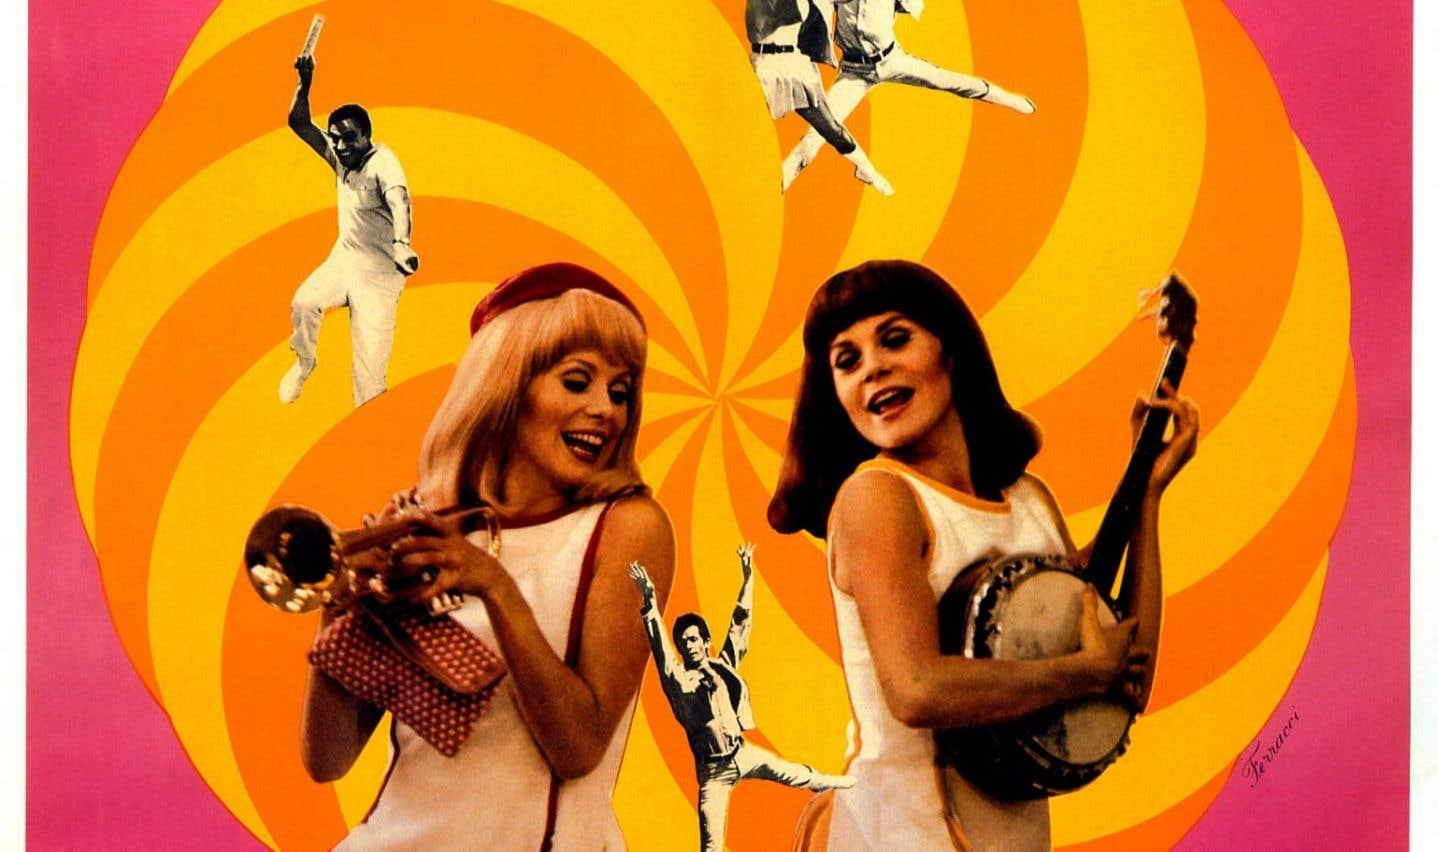 Affiche originale de la comédie musicale «Les demoiselles de Rochefort»